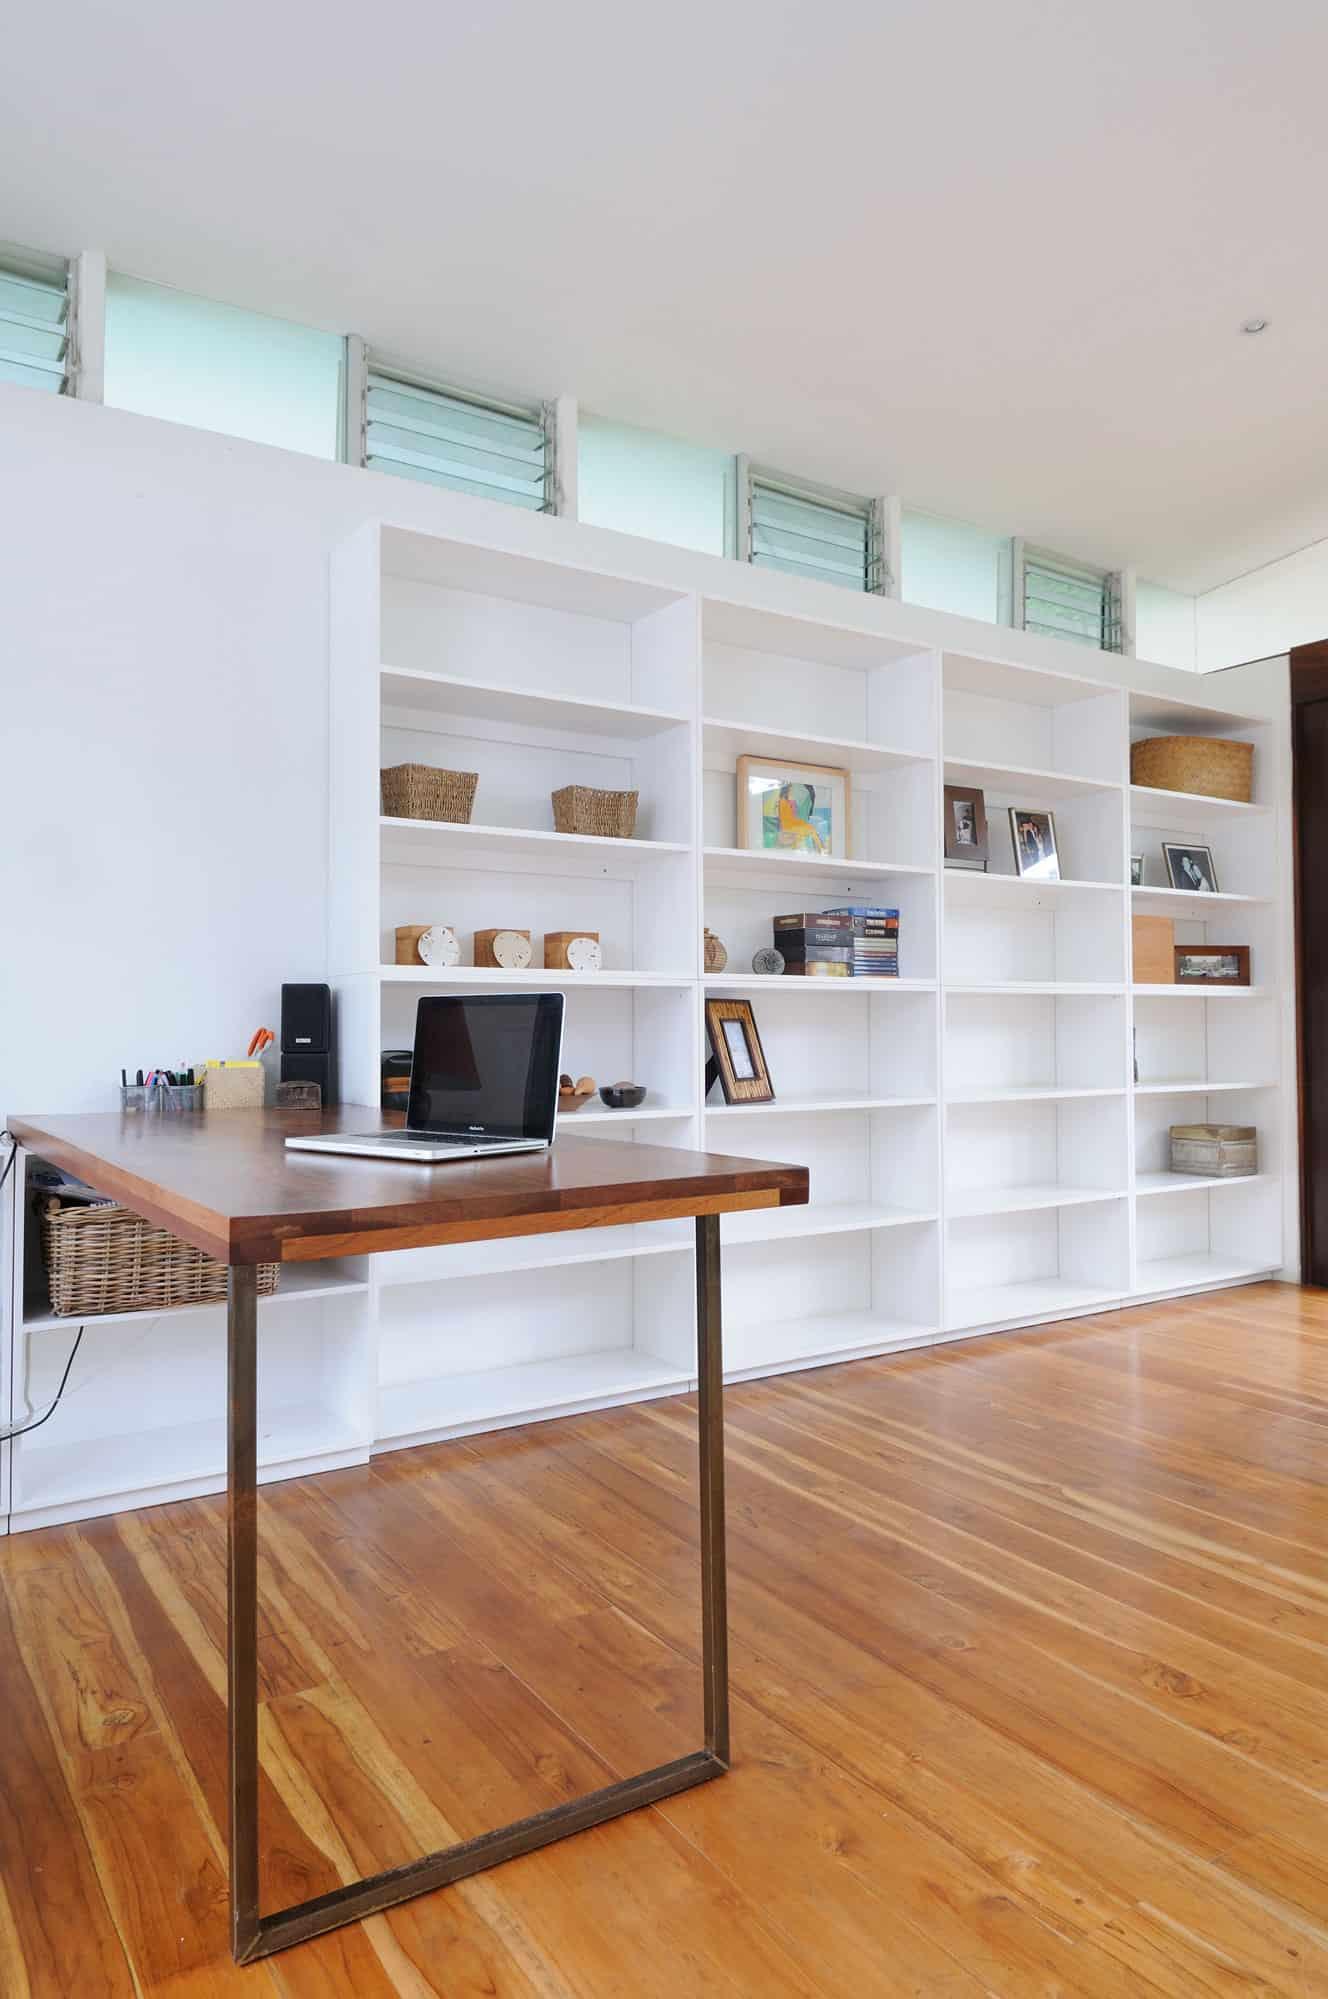 House S by Datumzero Design (10)